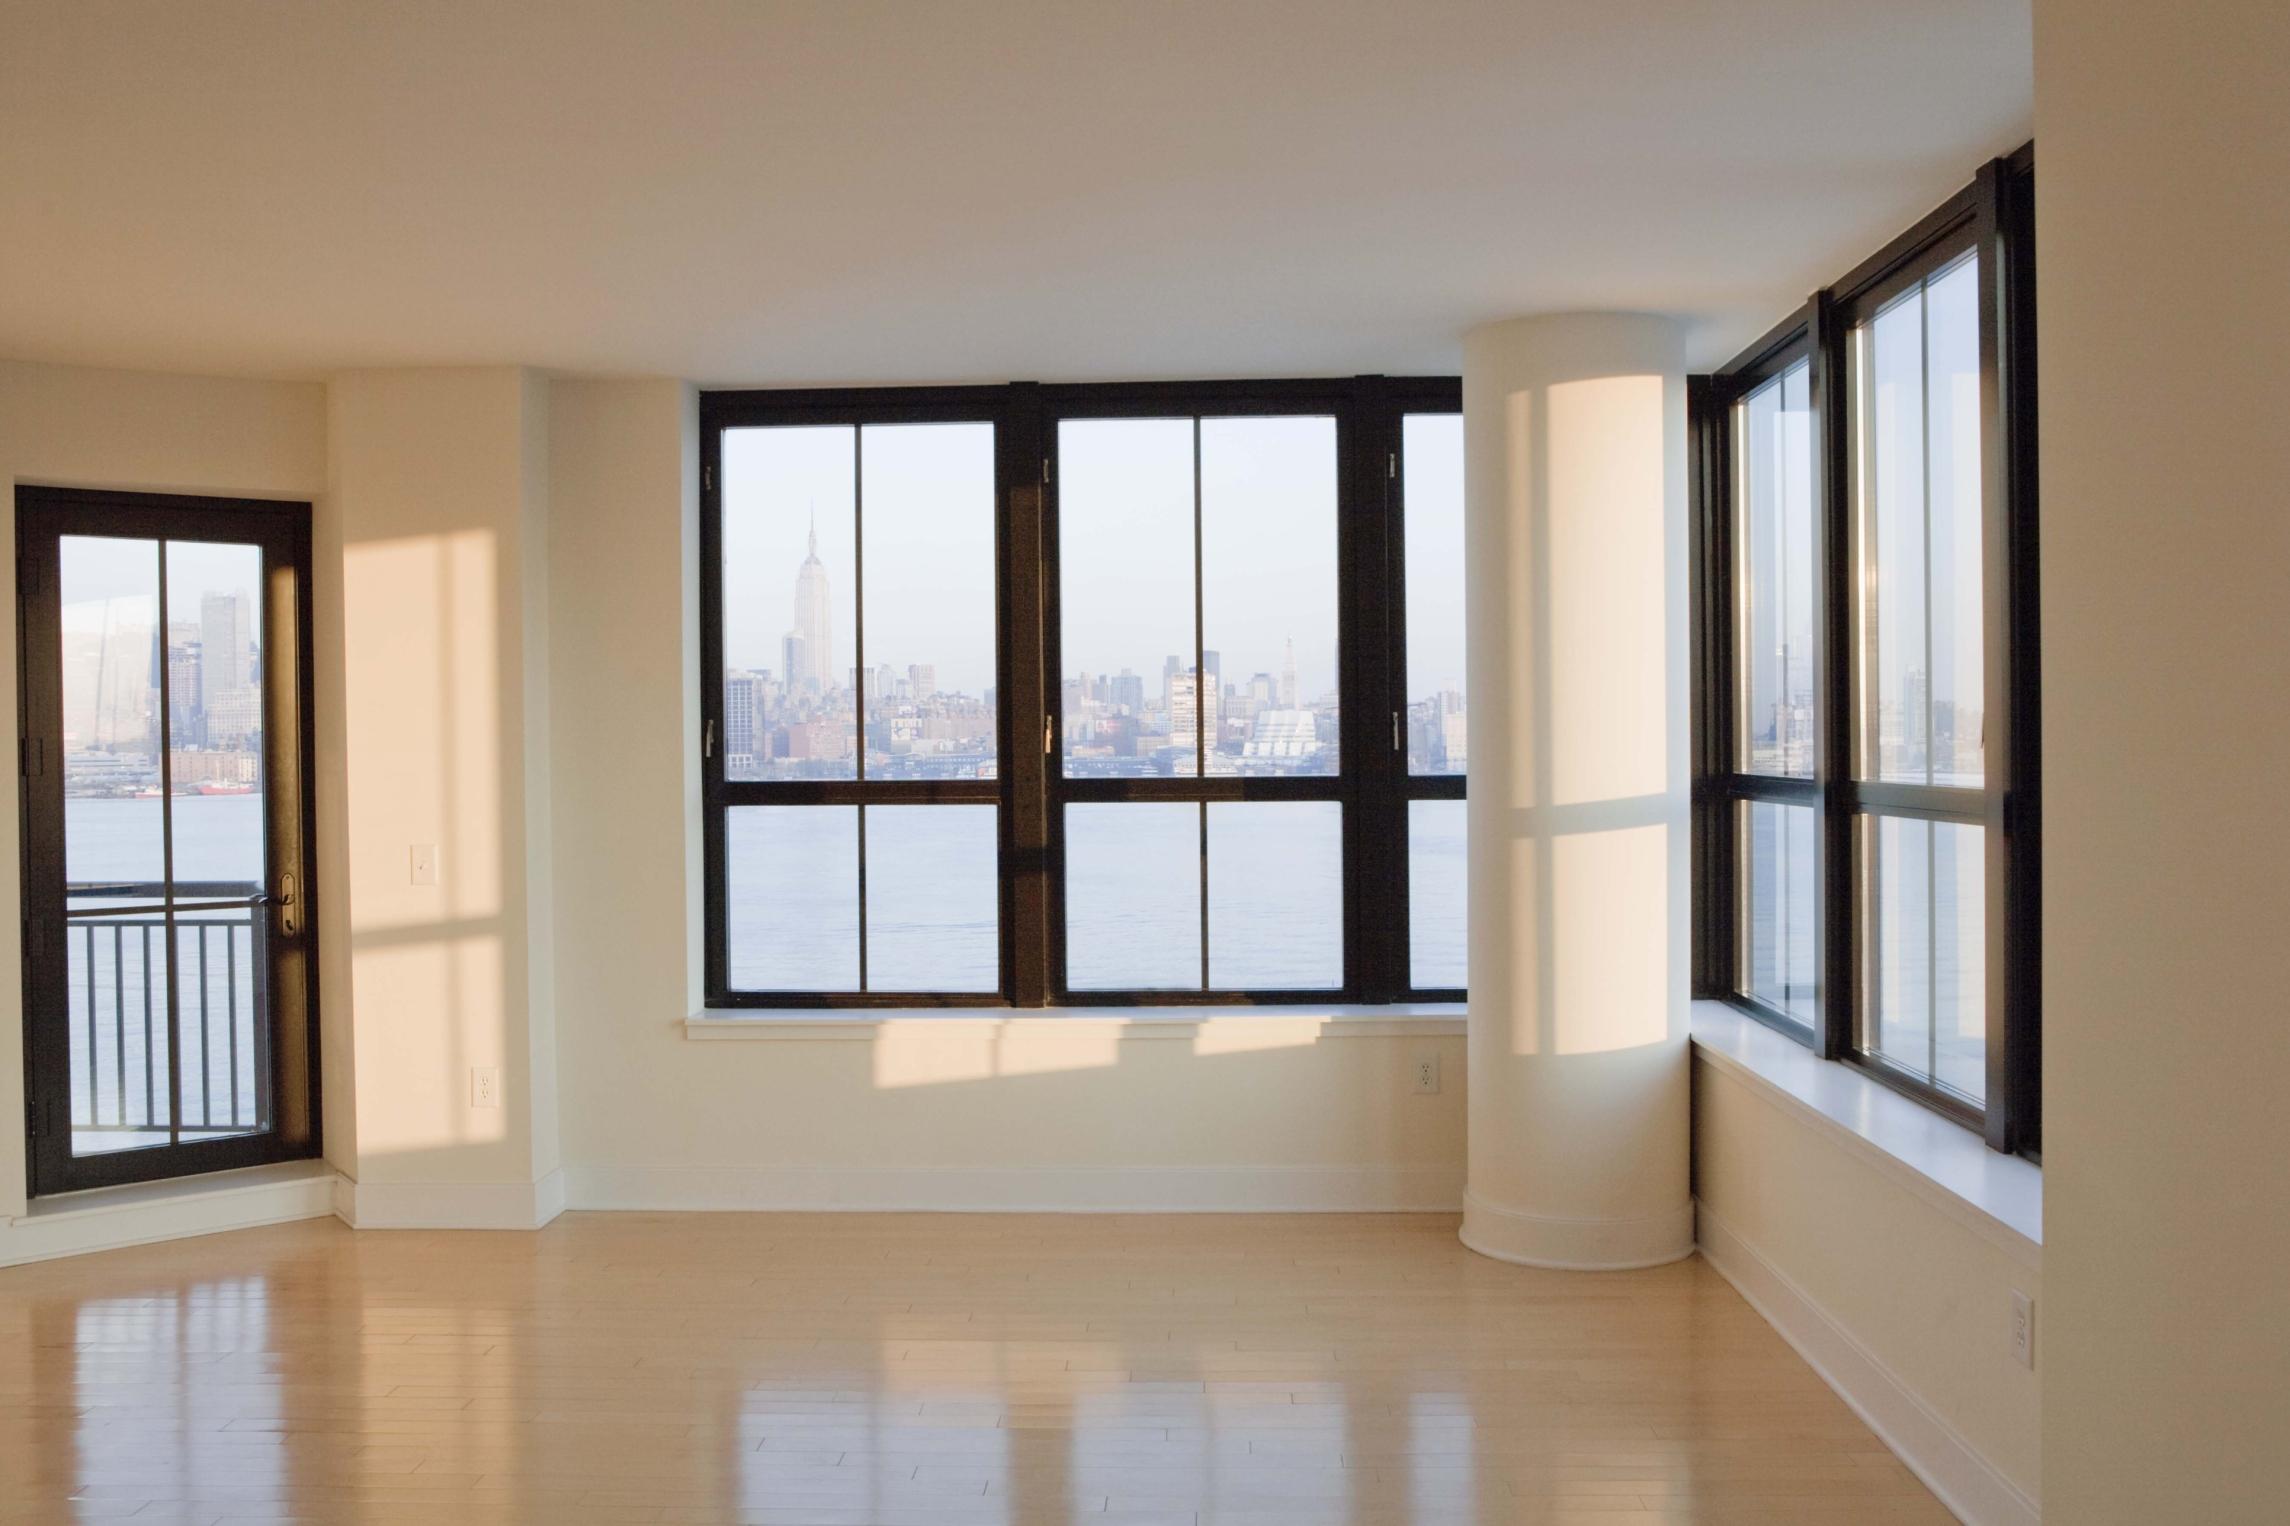 Tamaños de ventanas comunes para una nueva construcción |